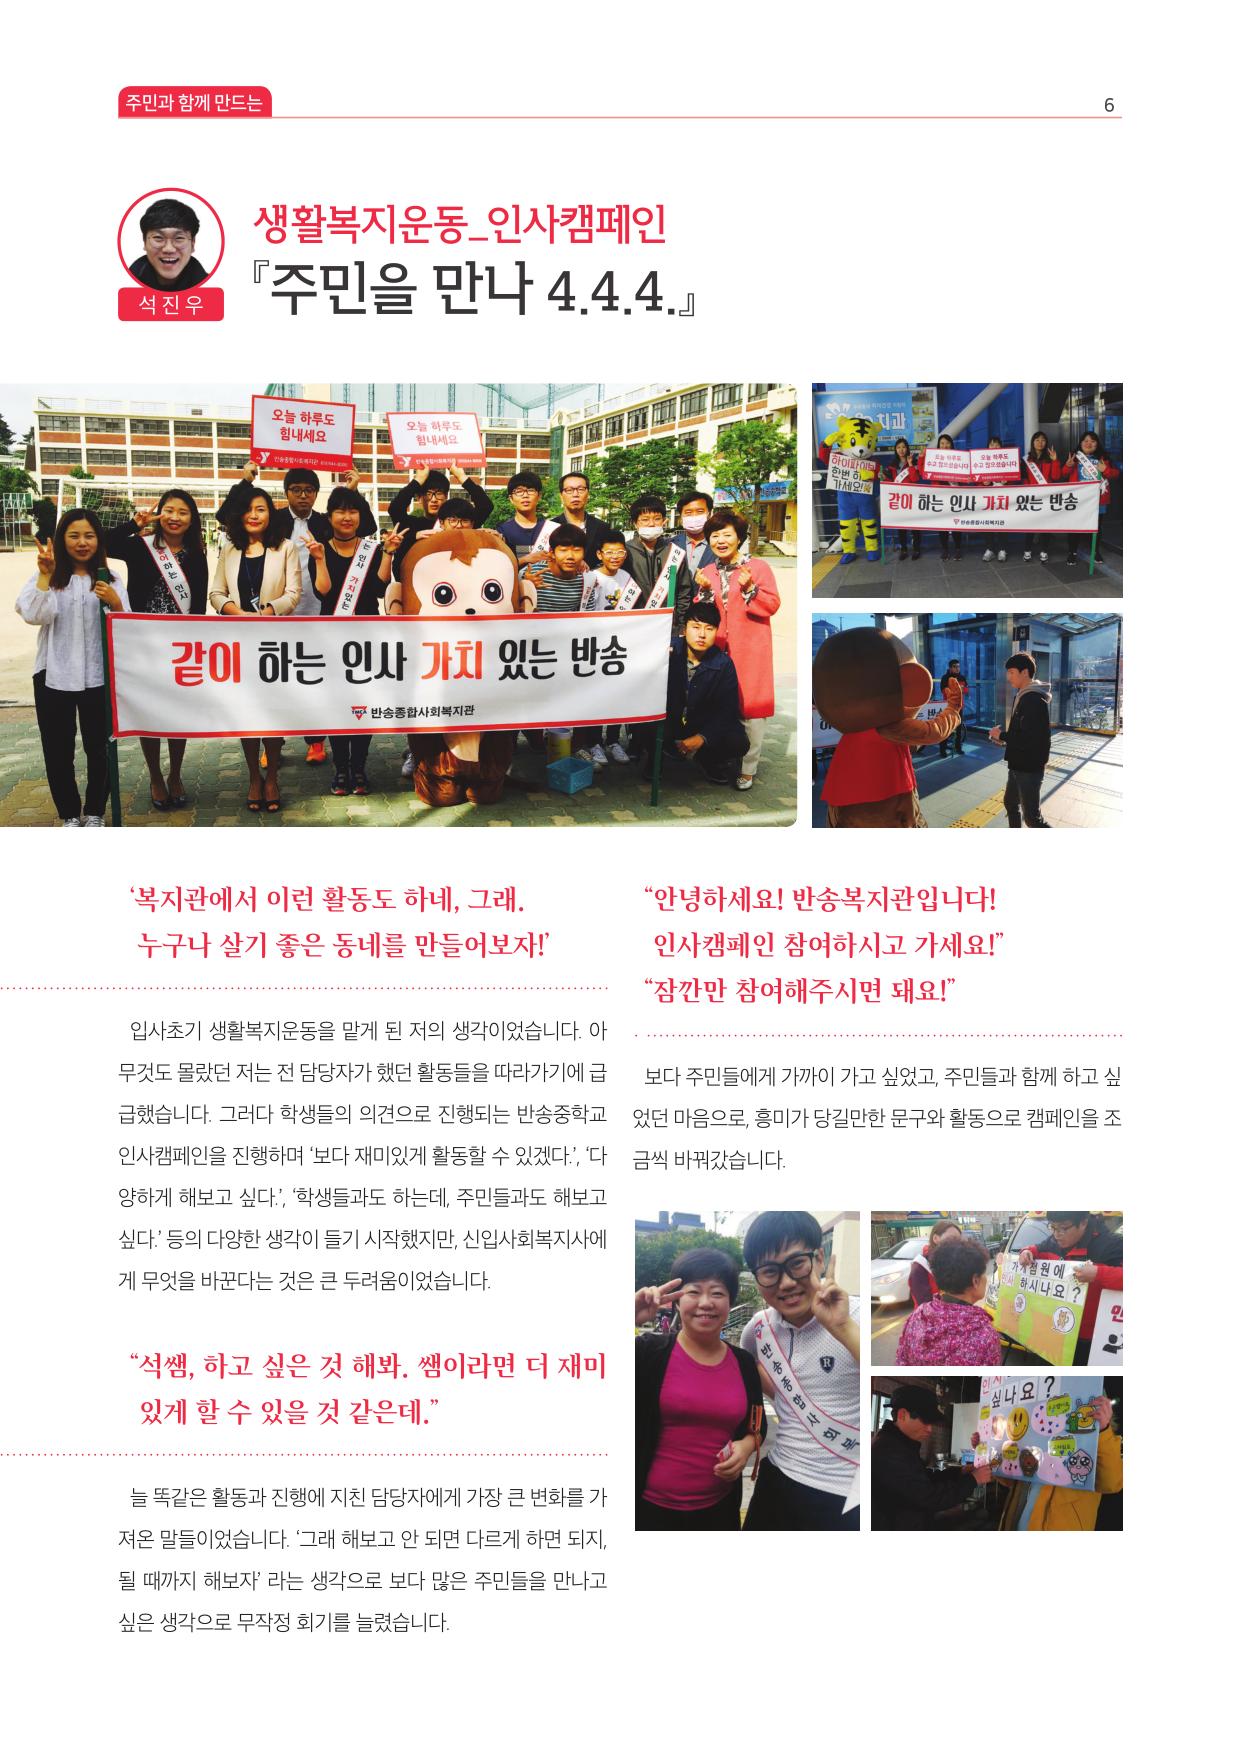 반송종합사회복지관연간소식지(2017)-06.jpg